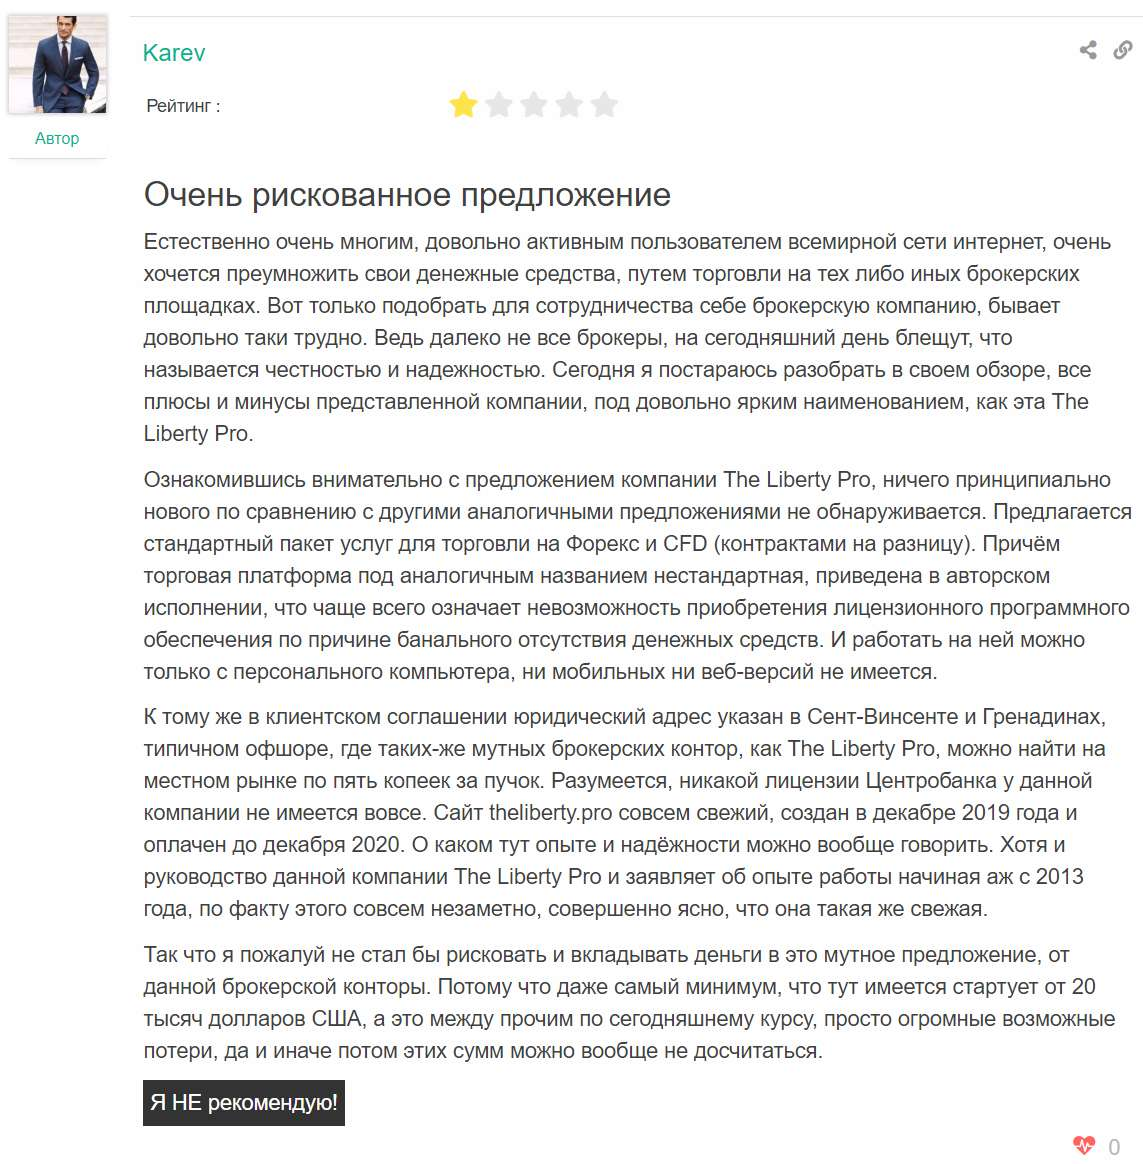 Обзор Theliberty (Liberty Pro) - отзывы и обзор ненадежного партнера.